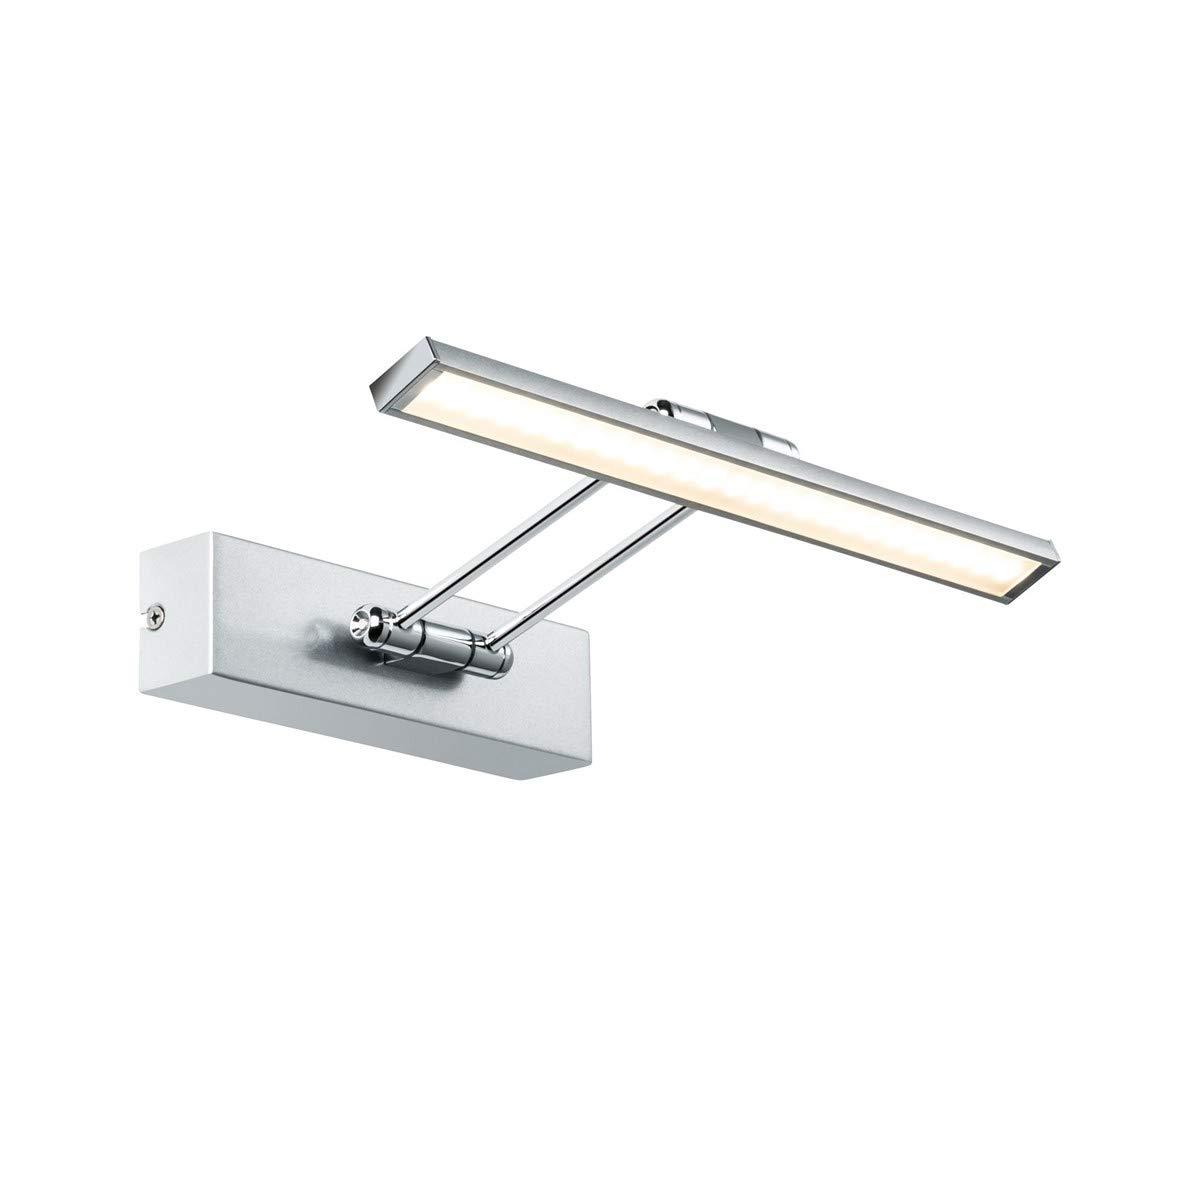 Paulmann 99894 Galeria Bilderleuchte LED Bildbeleuchtung Beam Thirty Galeriebeleuchtung 5W Aufsatzlampe Nickel gebürstet Strahler inkl. Leuchtmittel